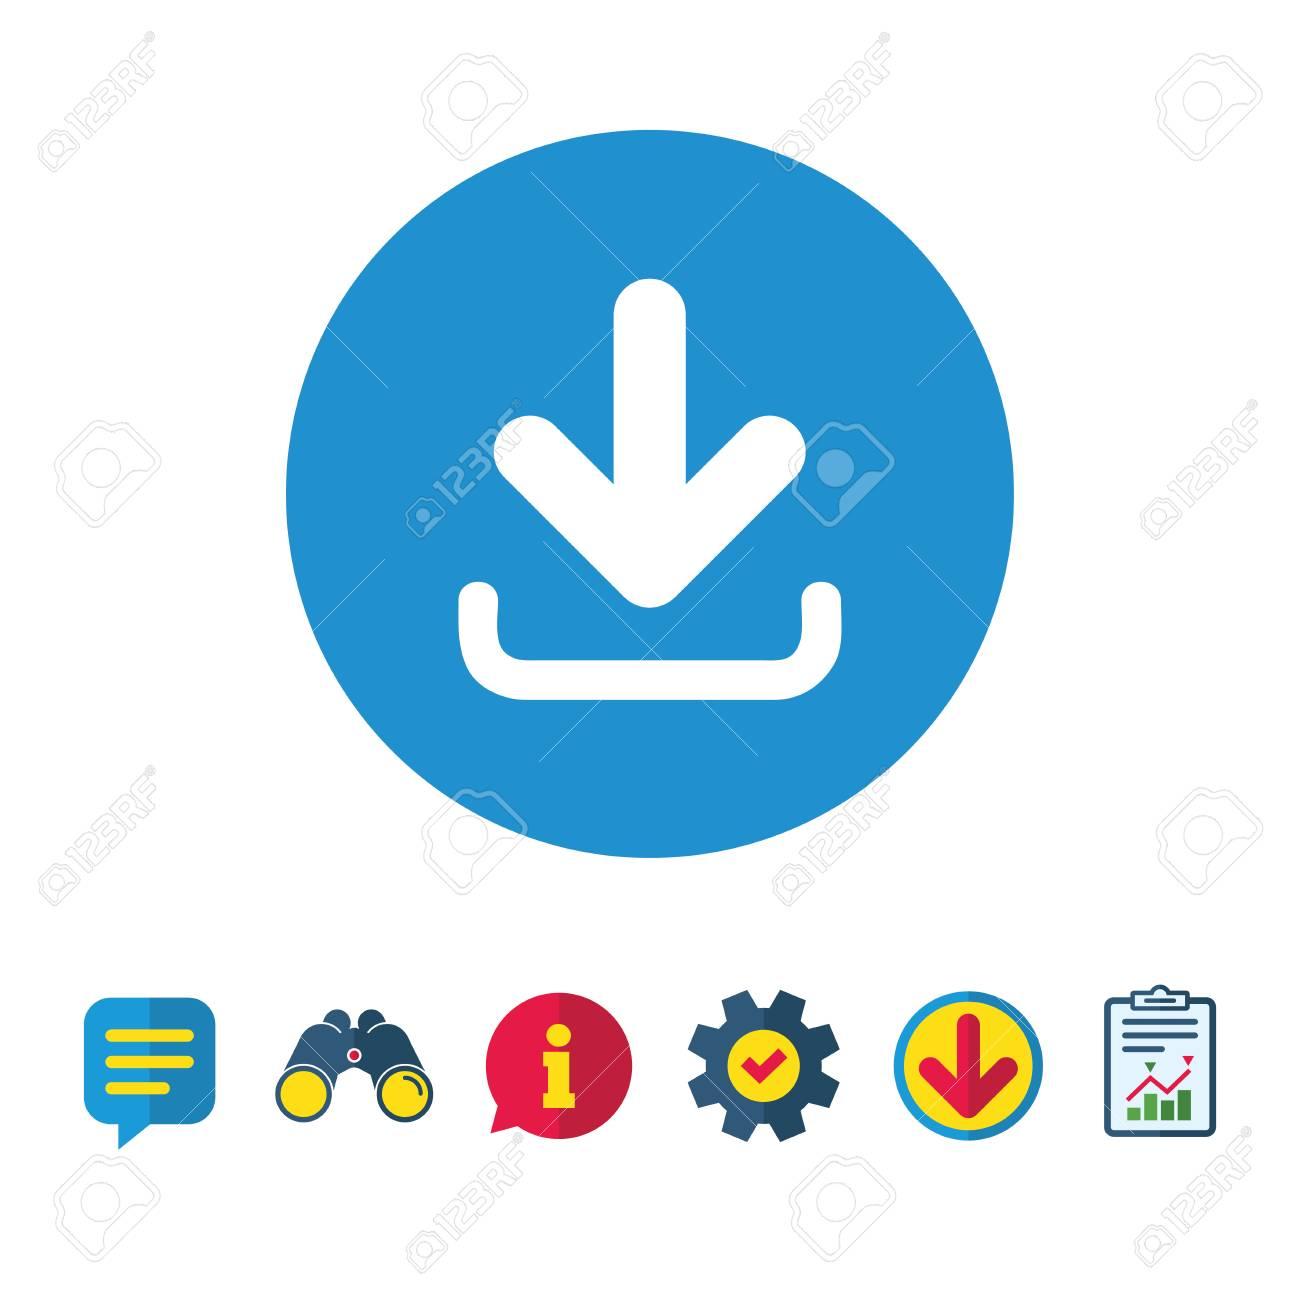 1803bc5908aba Descargar Icono. Botón Subir Cargar Símbolo Información